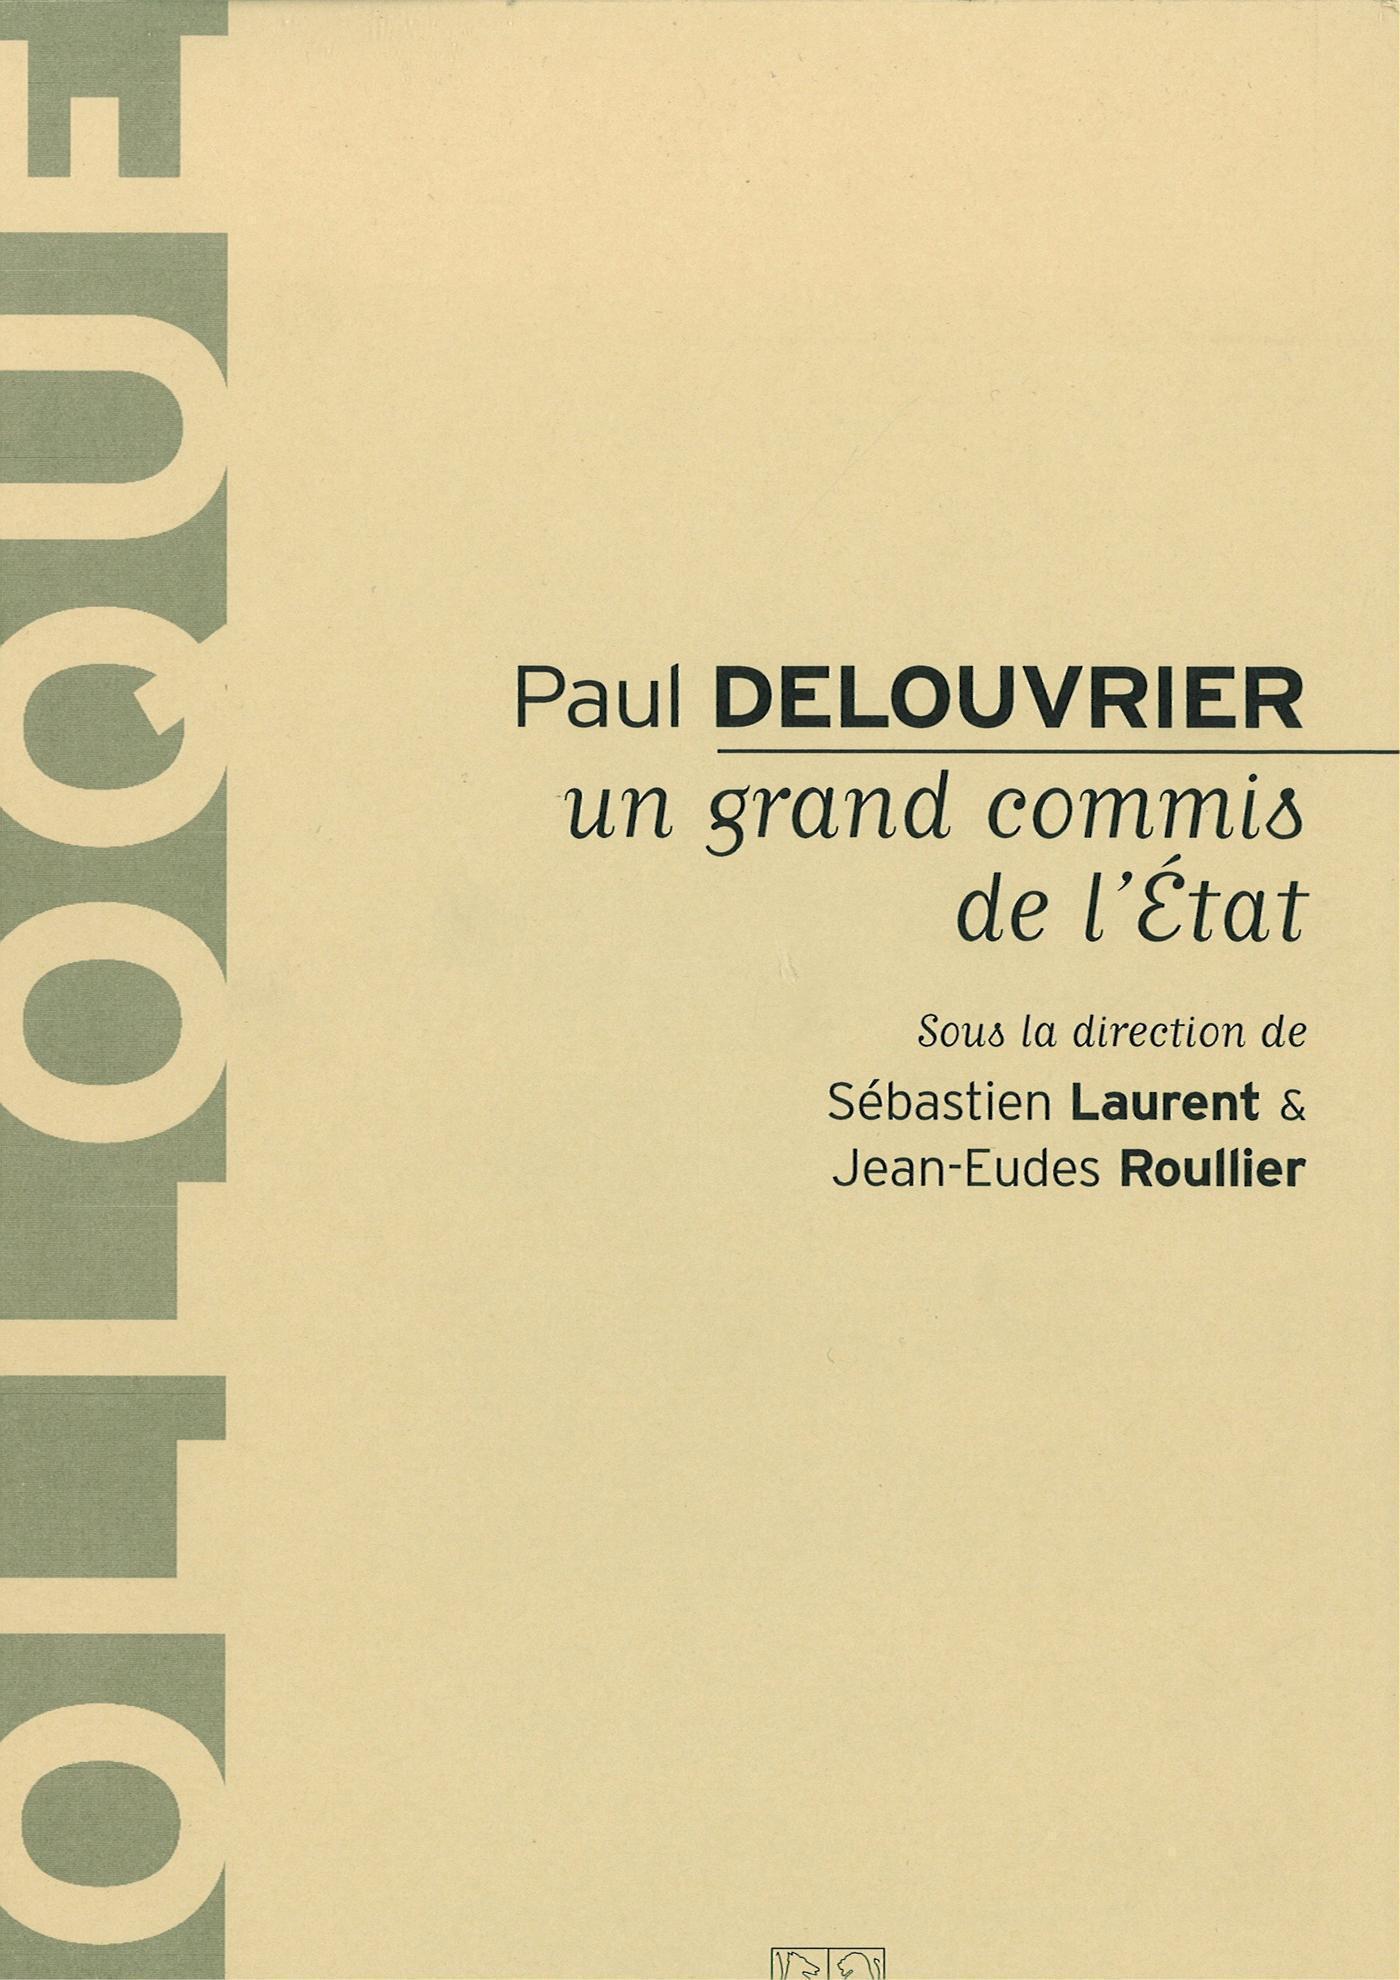 Paul Delouvrier, un grand commis de l'Etat